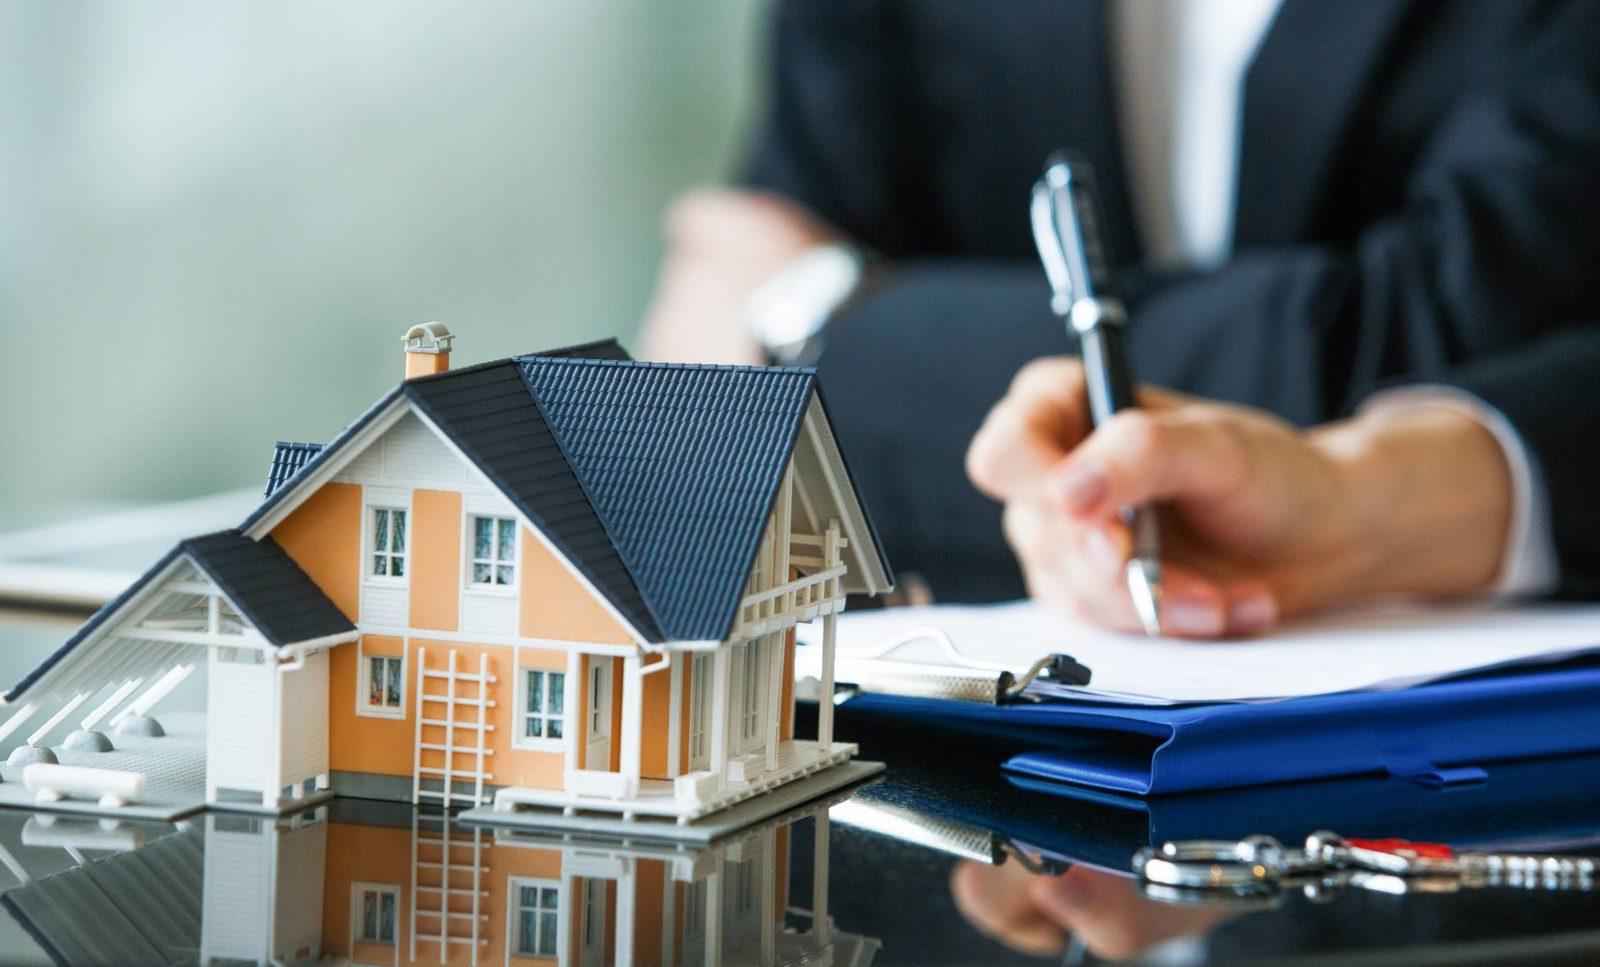 comment réussir son investissement dans l'immobilier